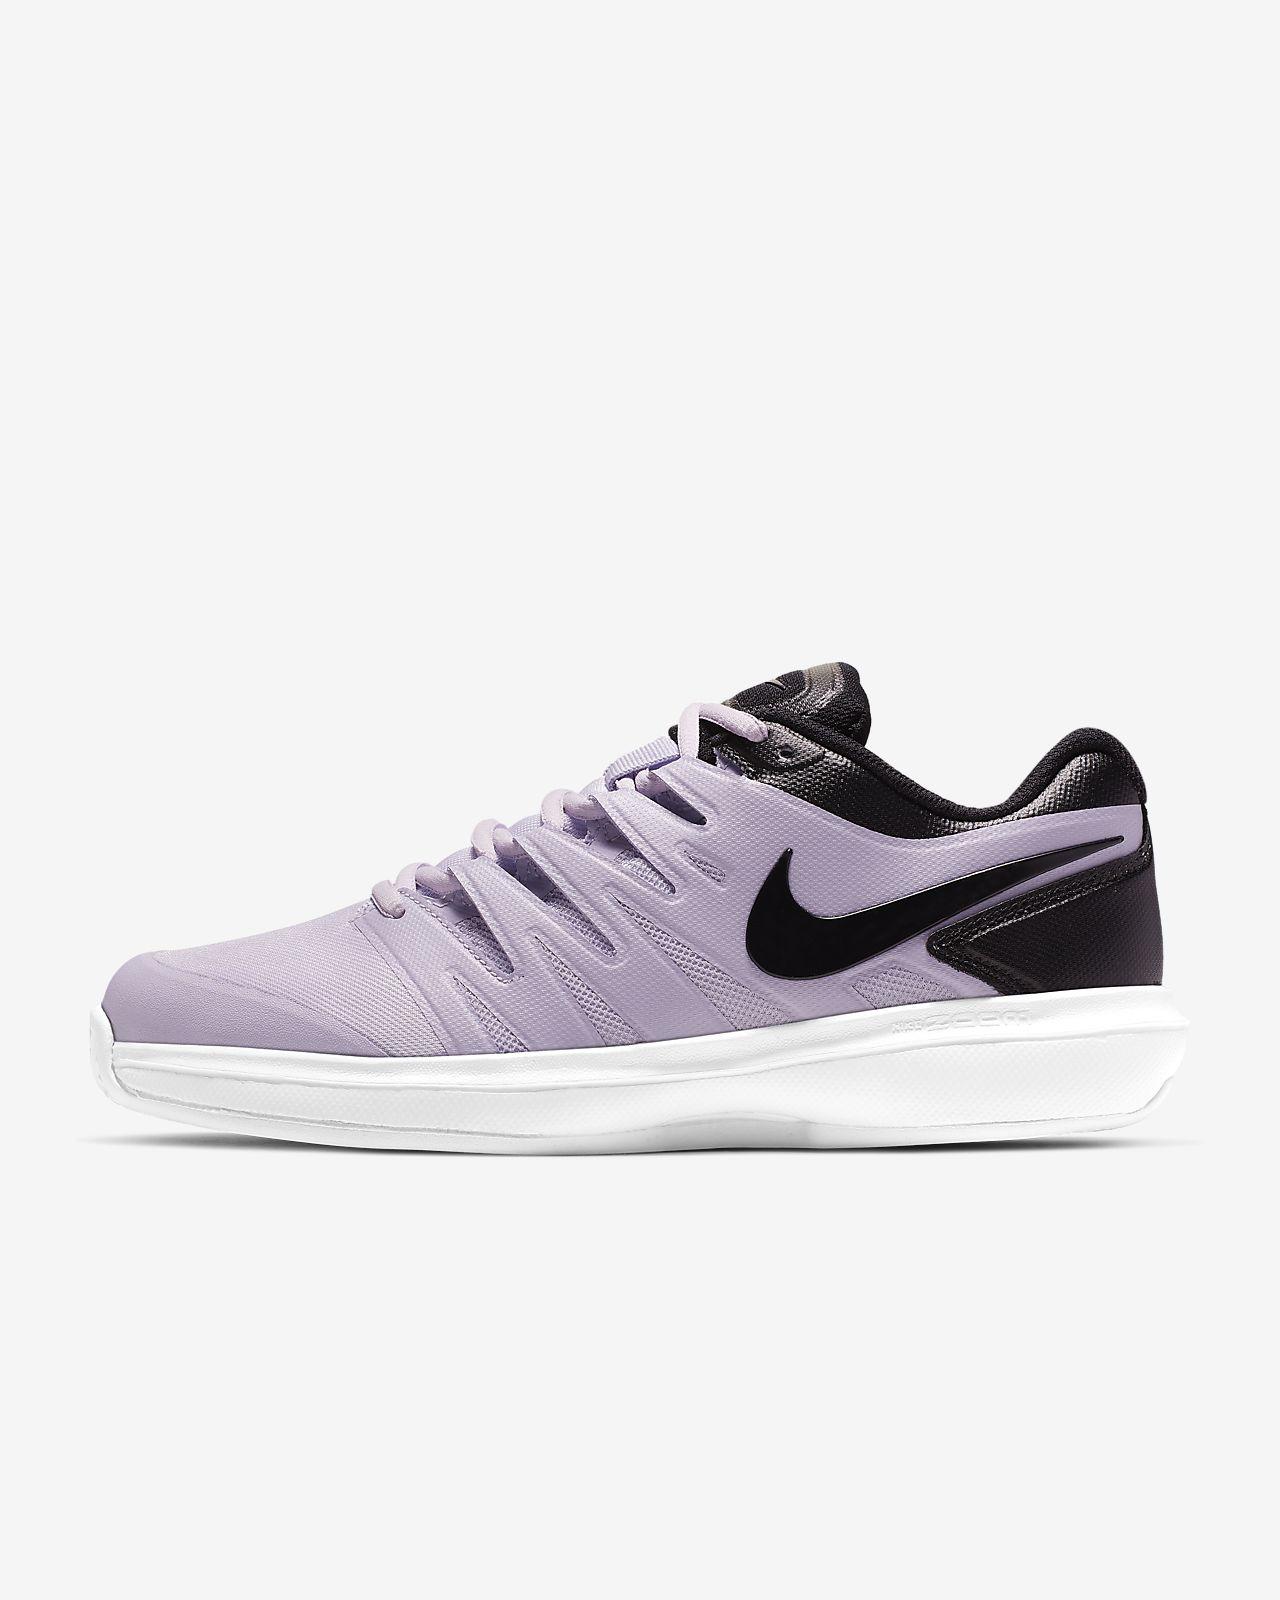 Nike Air Max 1 in mehreren Farben für je 80,97€ (statt 122€)